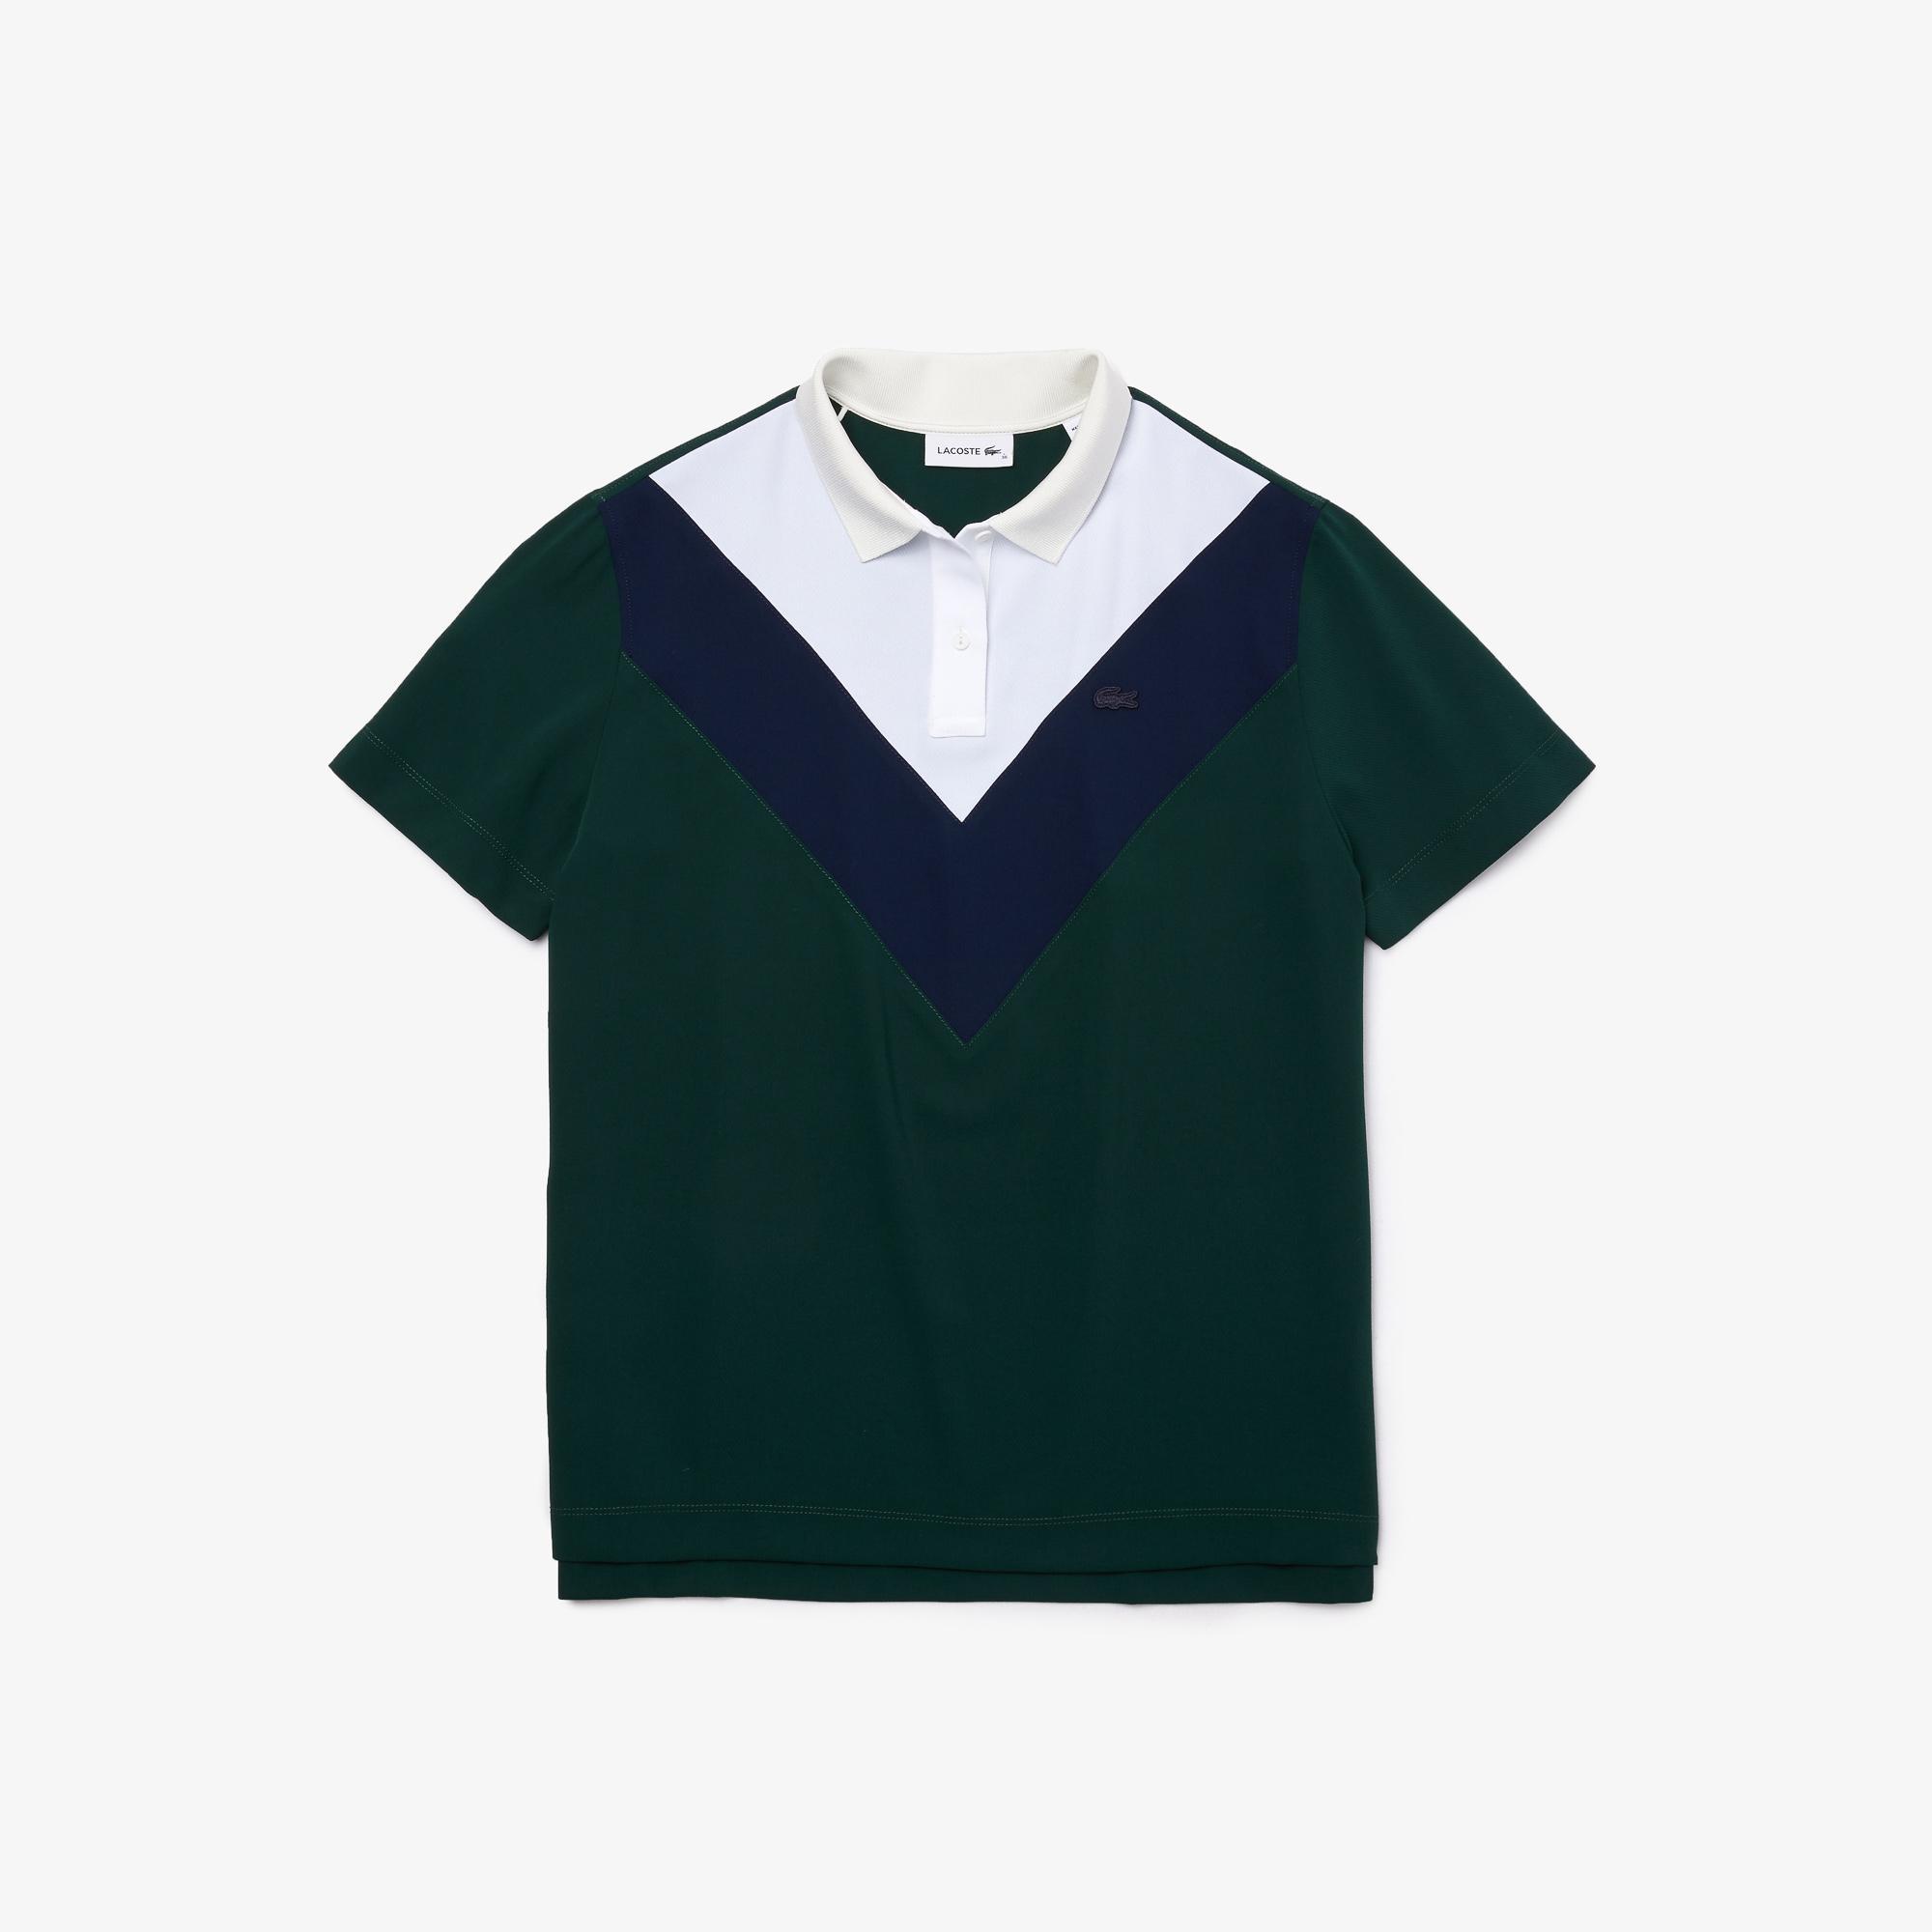 Lacoste Damska Zwiewna Lekka Koszulka Polo W Bloki Kolorystyczne